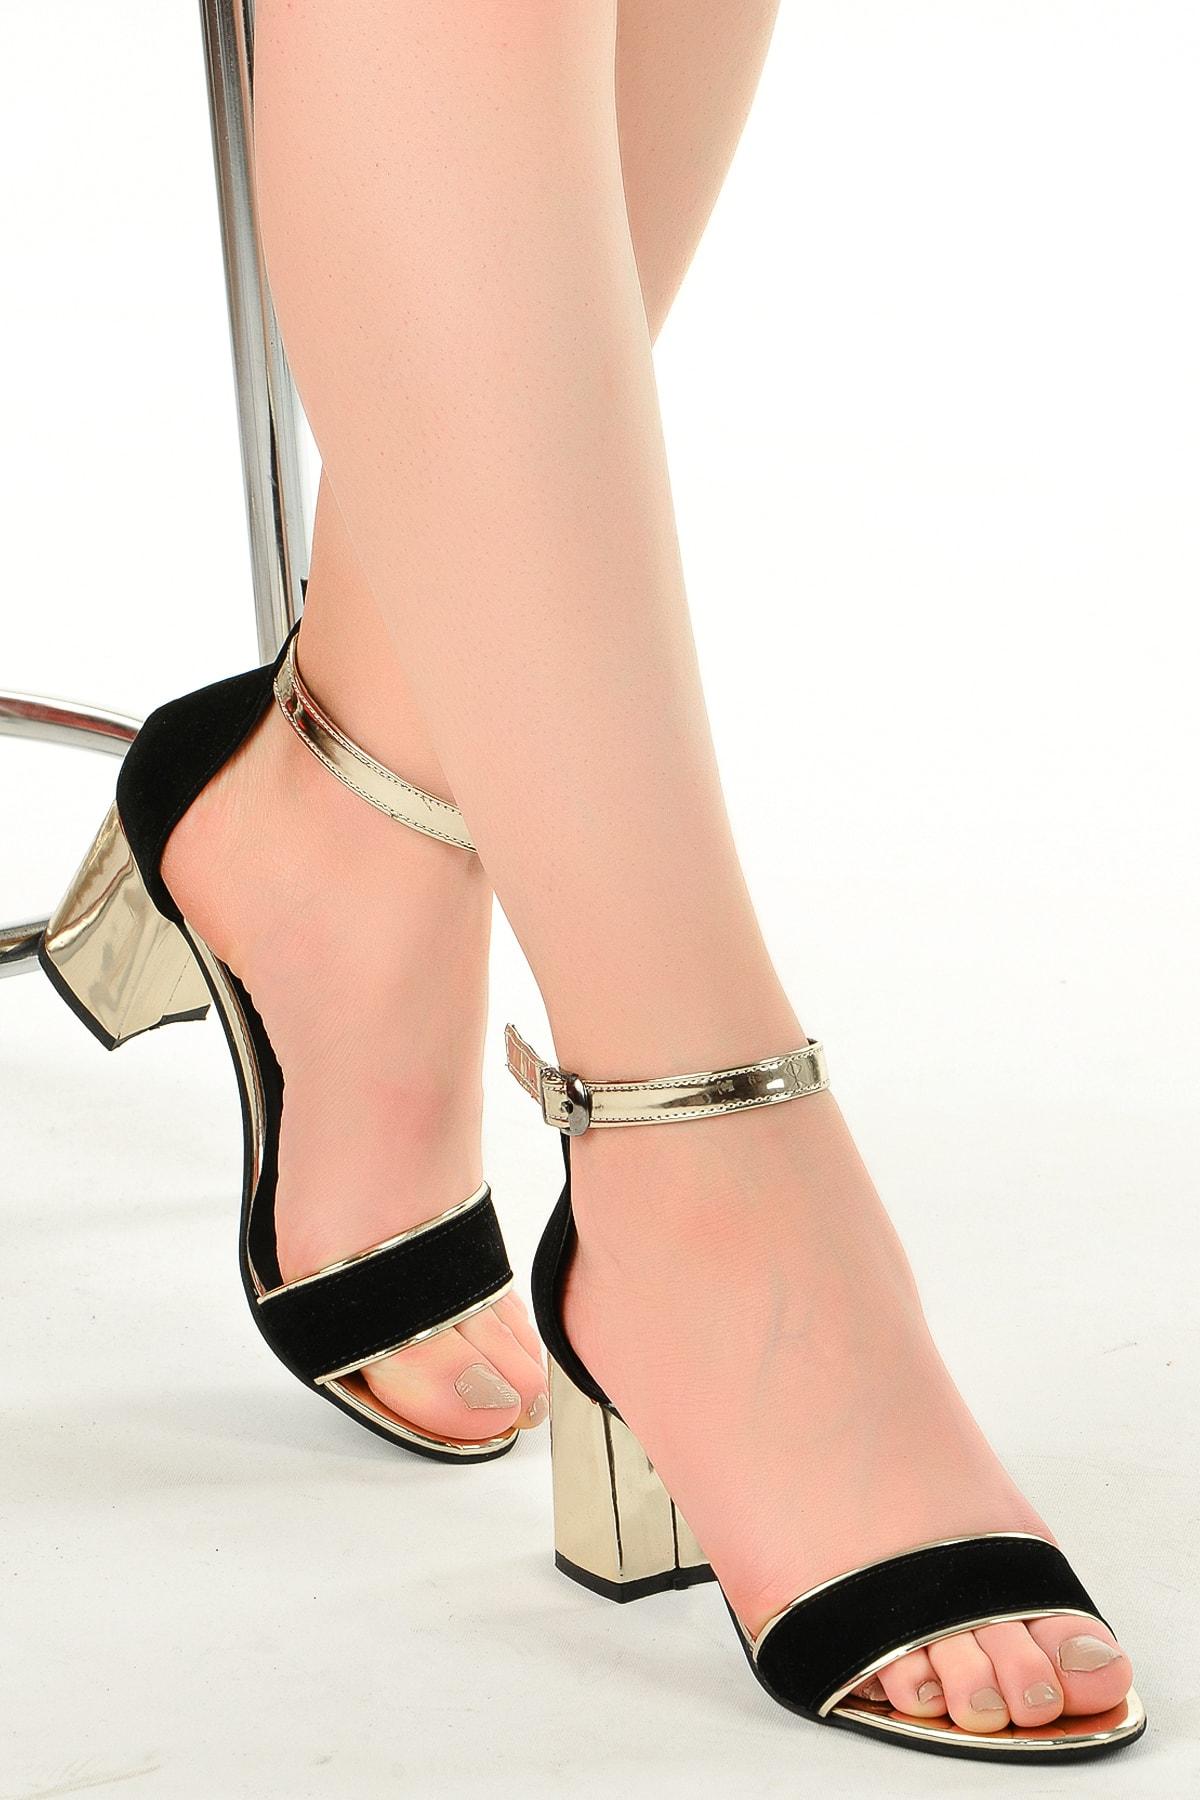 Ayakland 2013-03 Rugan 7 Cm Topuk Bayan Sandalet Ayakkabı 1